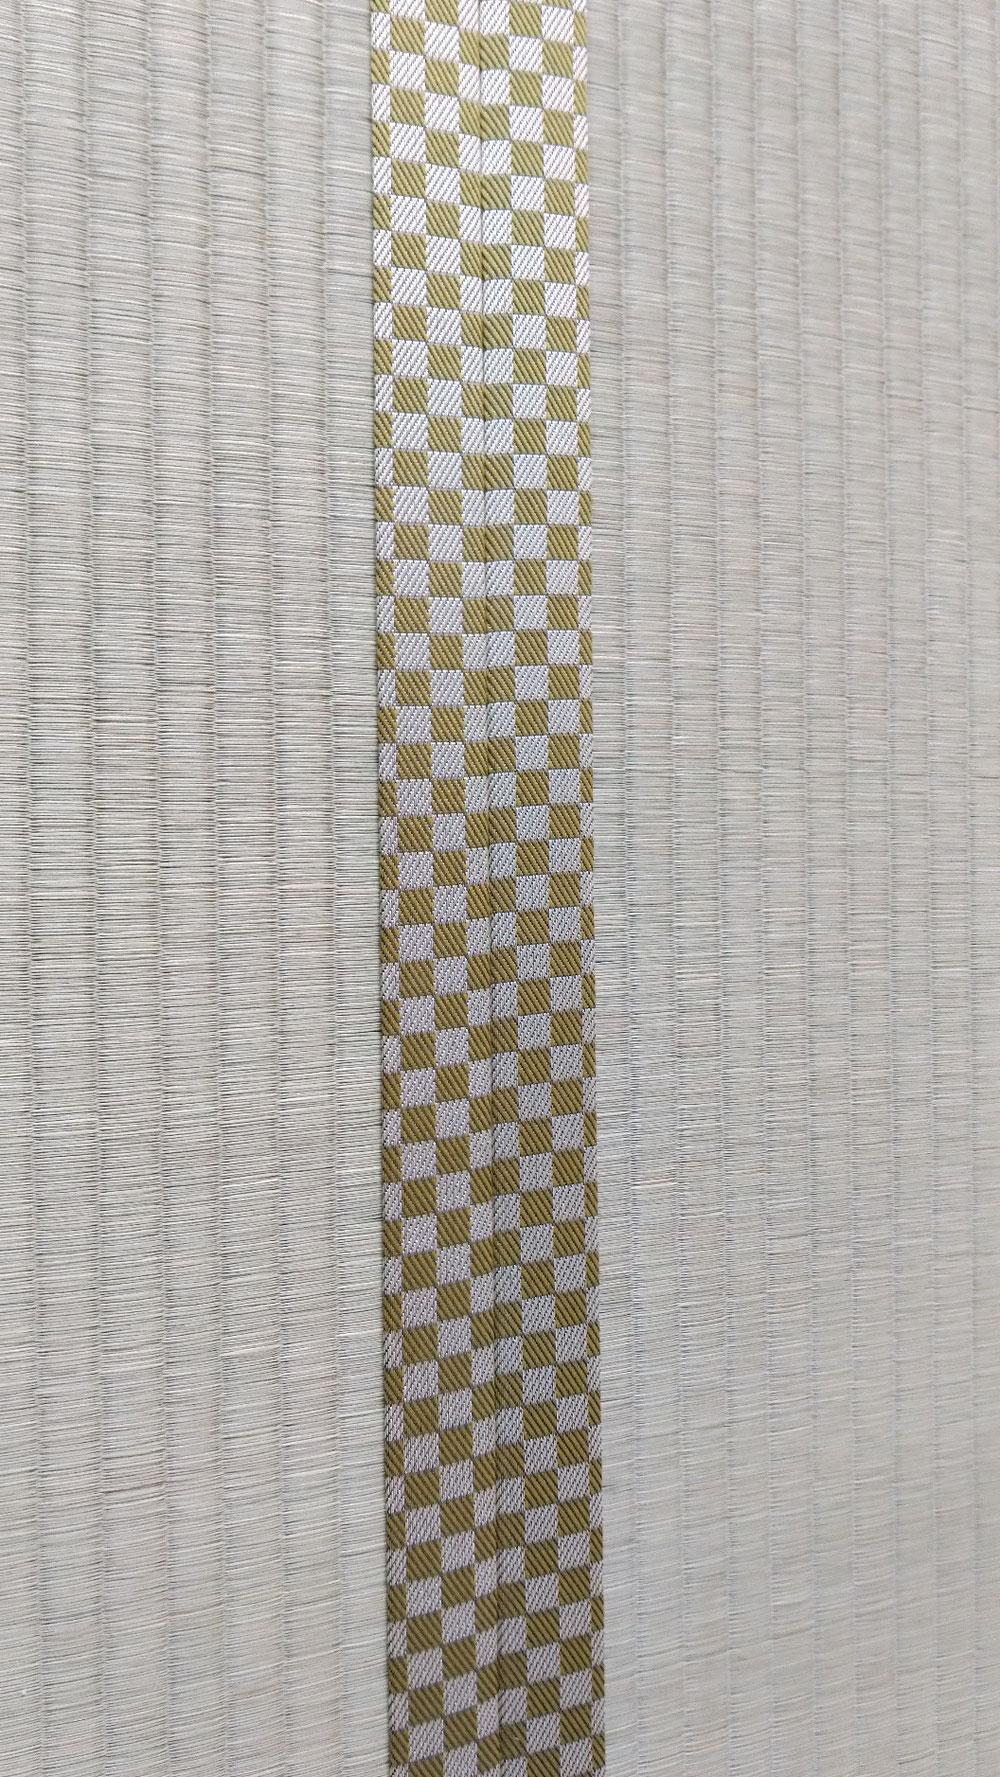 熊本産表、市松柄の畳縁です。(ルーミーNo41)